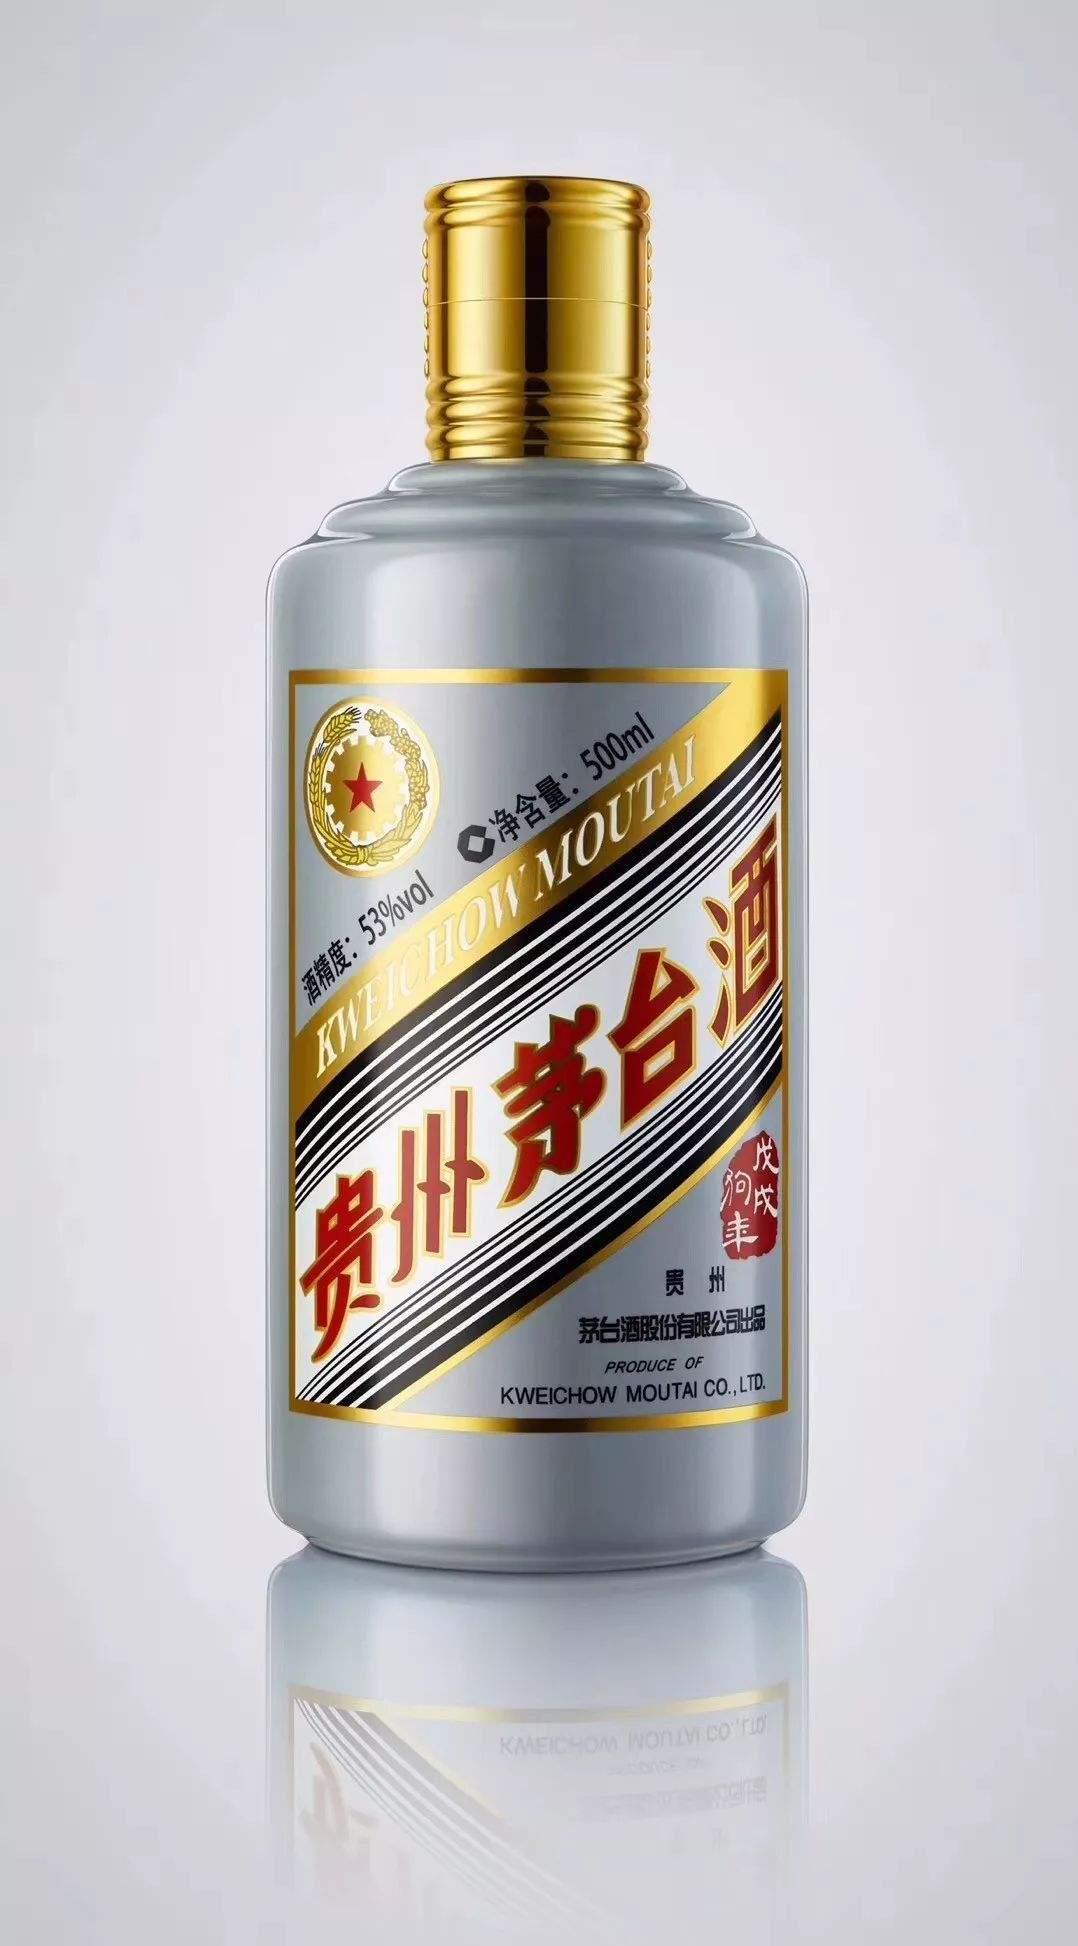 阜阳界首李白将进酒茅台酒瓶子回收价格一览表